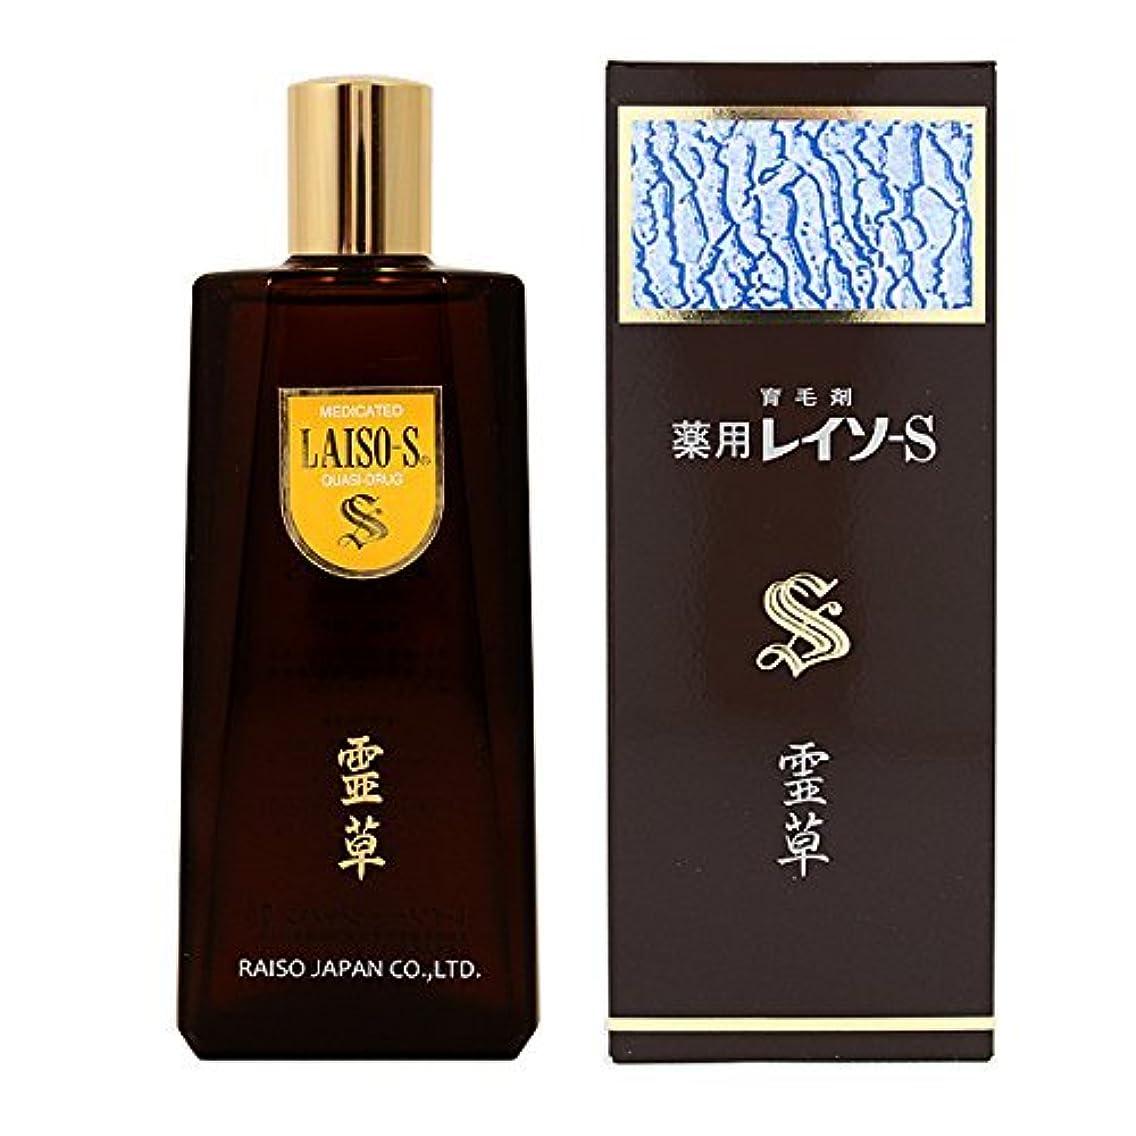 日本ヘアサプライ 薬用レイソーS 150ml